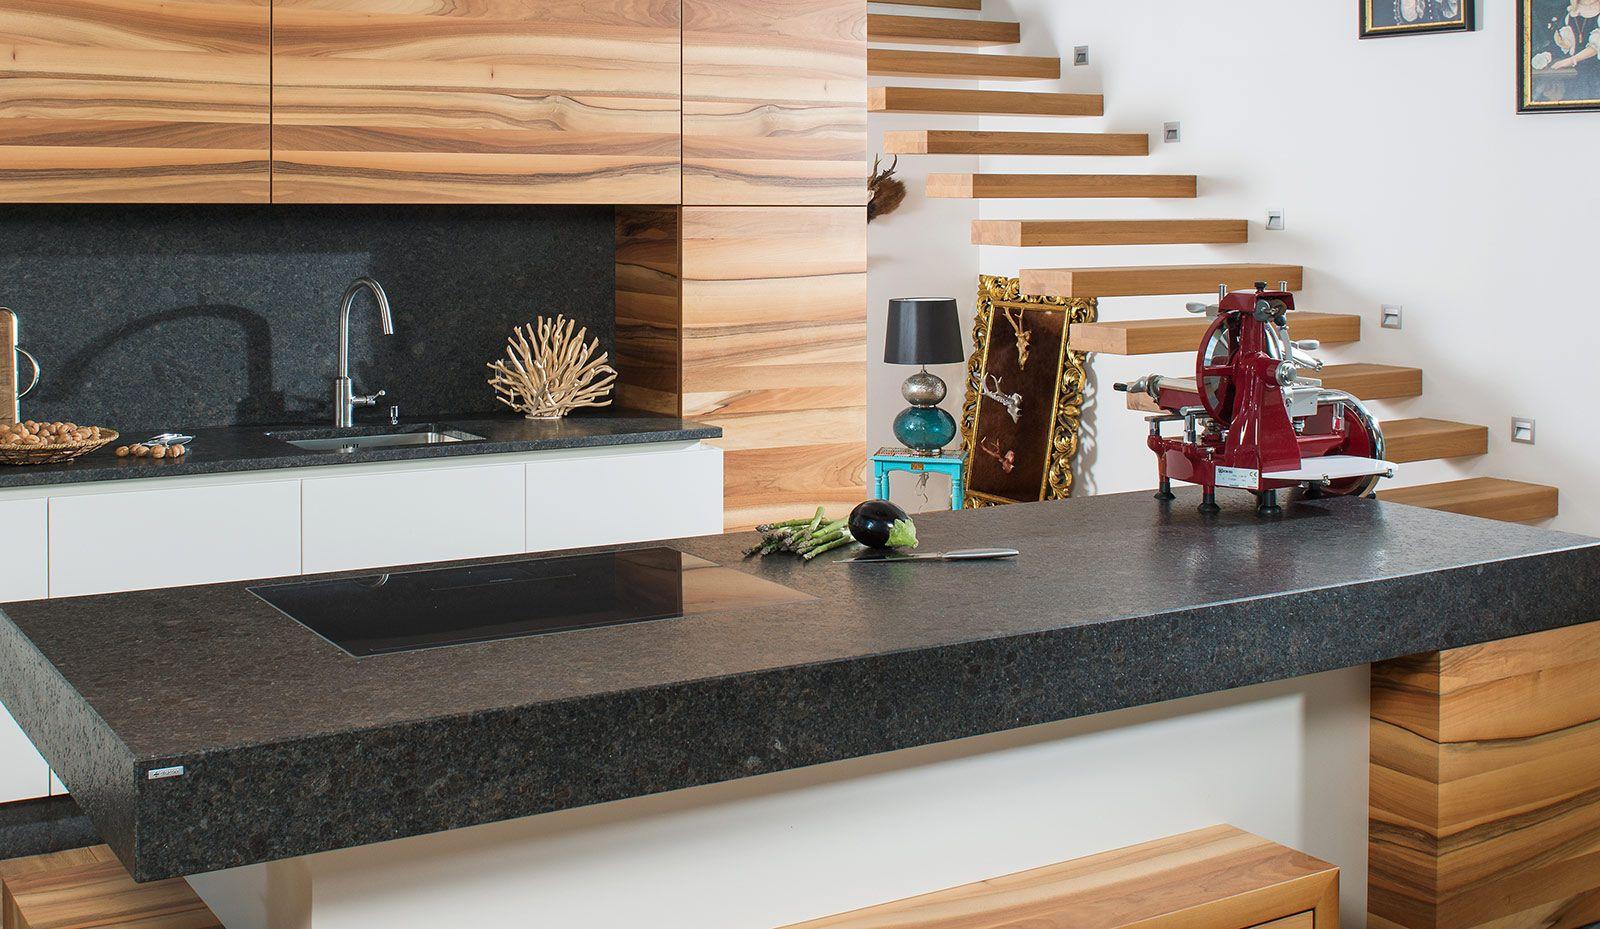 bildergebnis f r k che holz wei schwarz k che pinterest. Black Bedroom Furniture Sets. Home Design Ideas